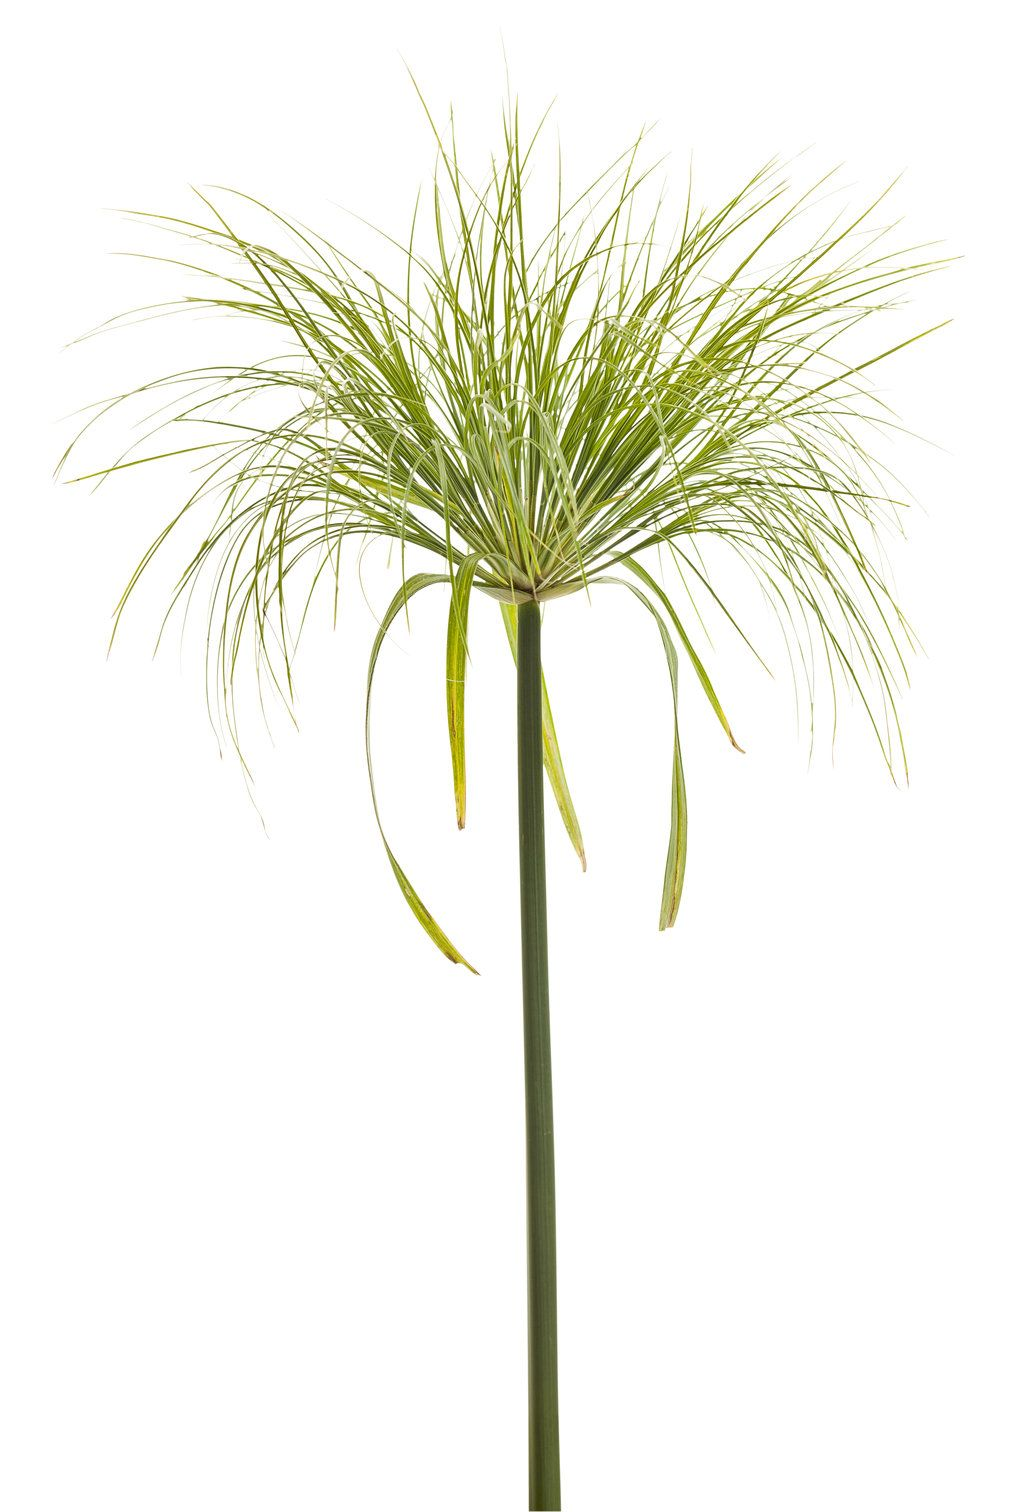 Papyrus plant clipart